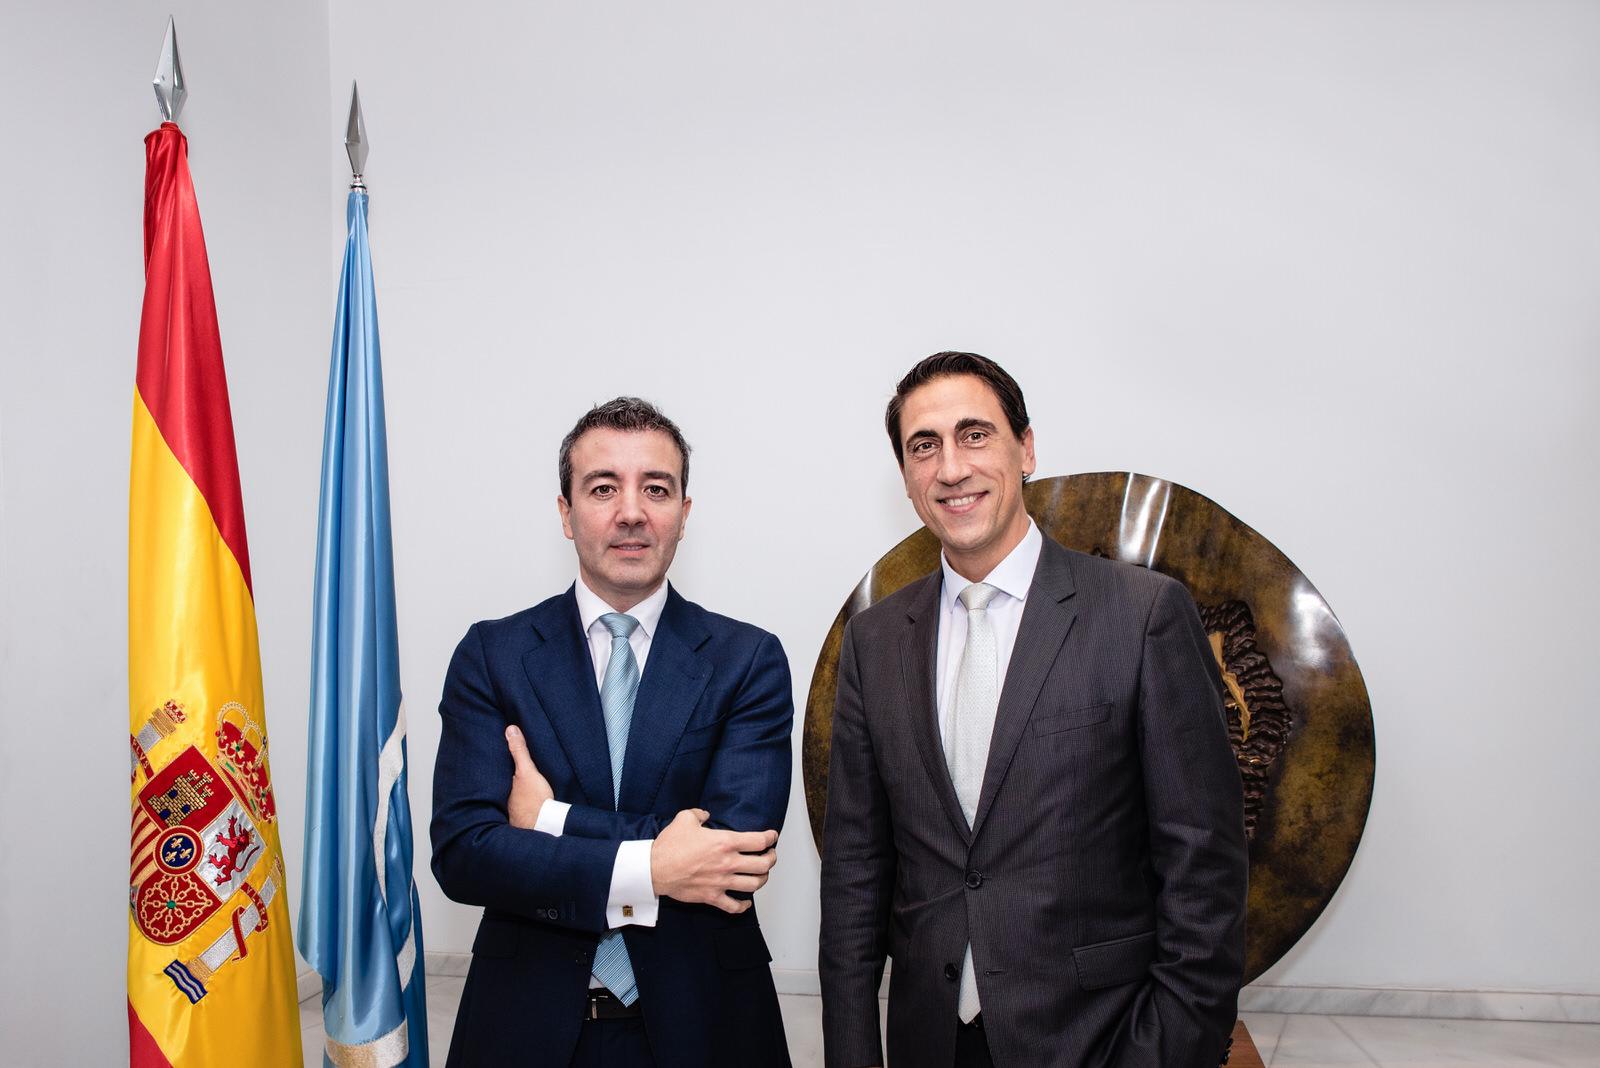 El dr. Ramón Calderón Nájera, nuevo presidente de SECPRE; junto al dr. Joan Fontdevila Font, nuevo secretario general.